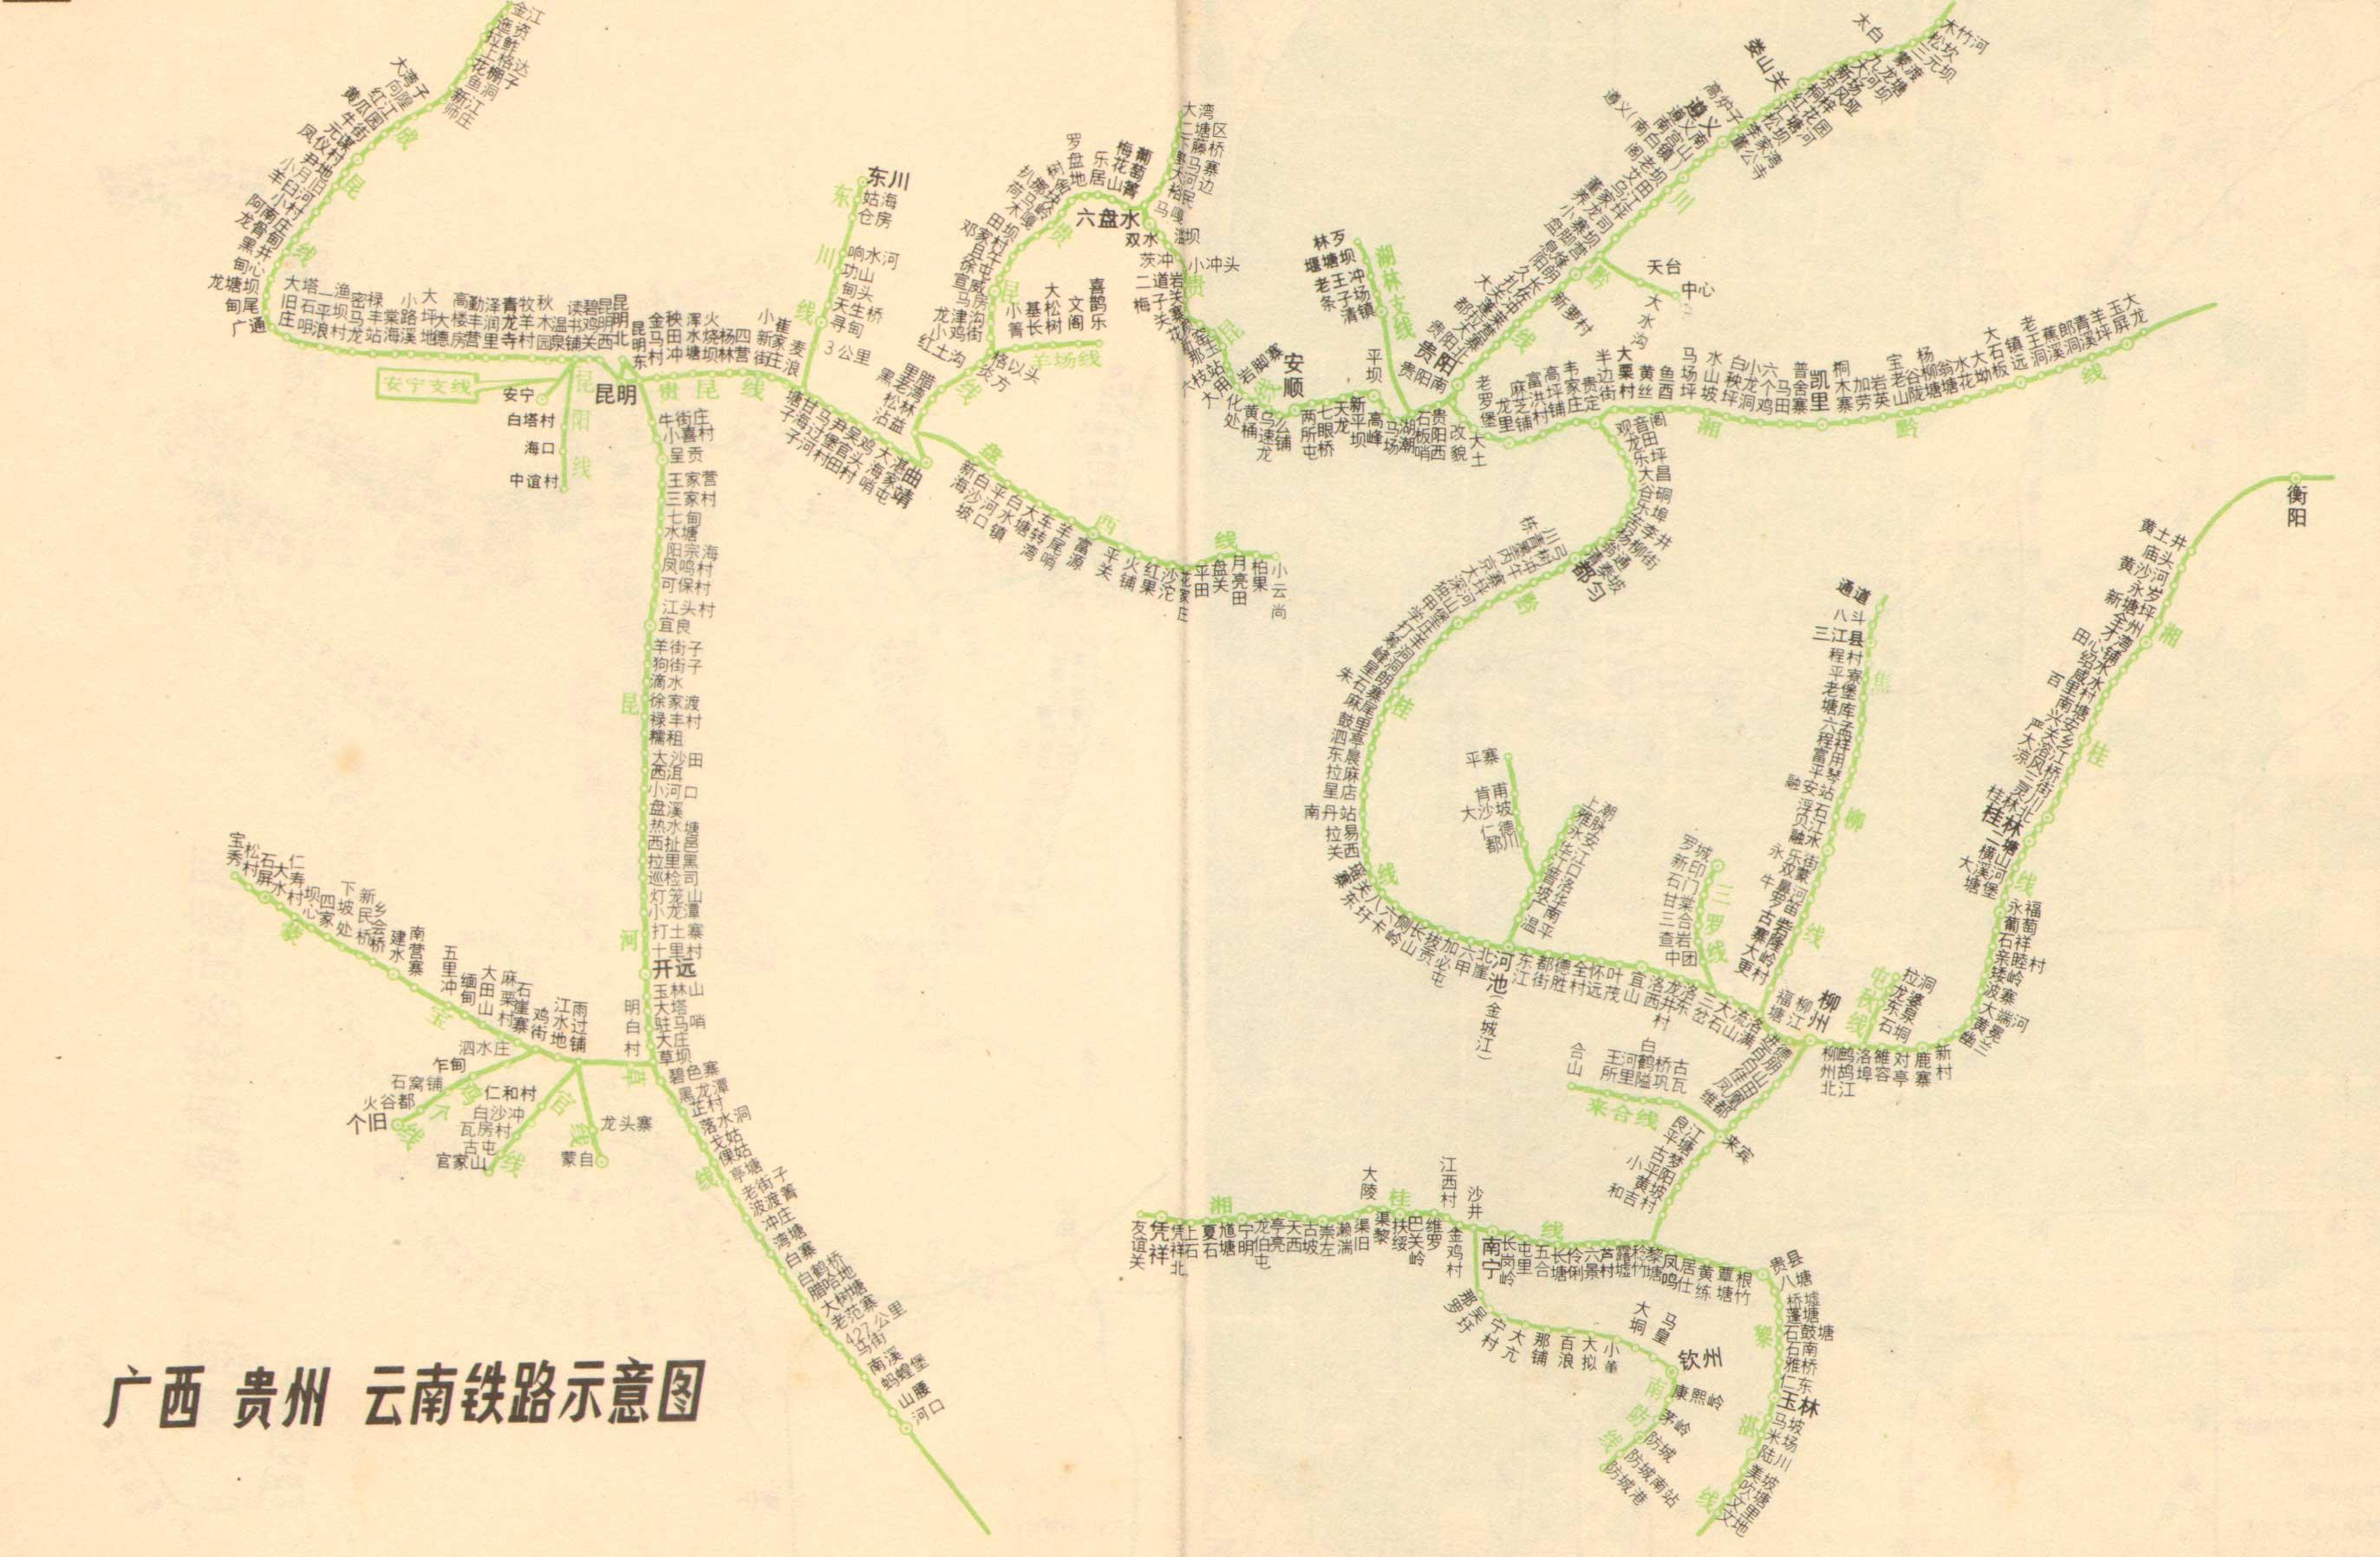 广西 贵州 云南 铁路线路图 交通地图库高清图片